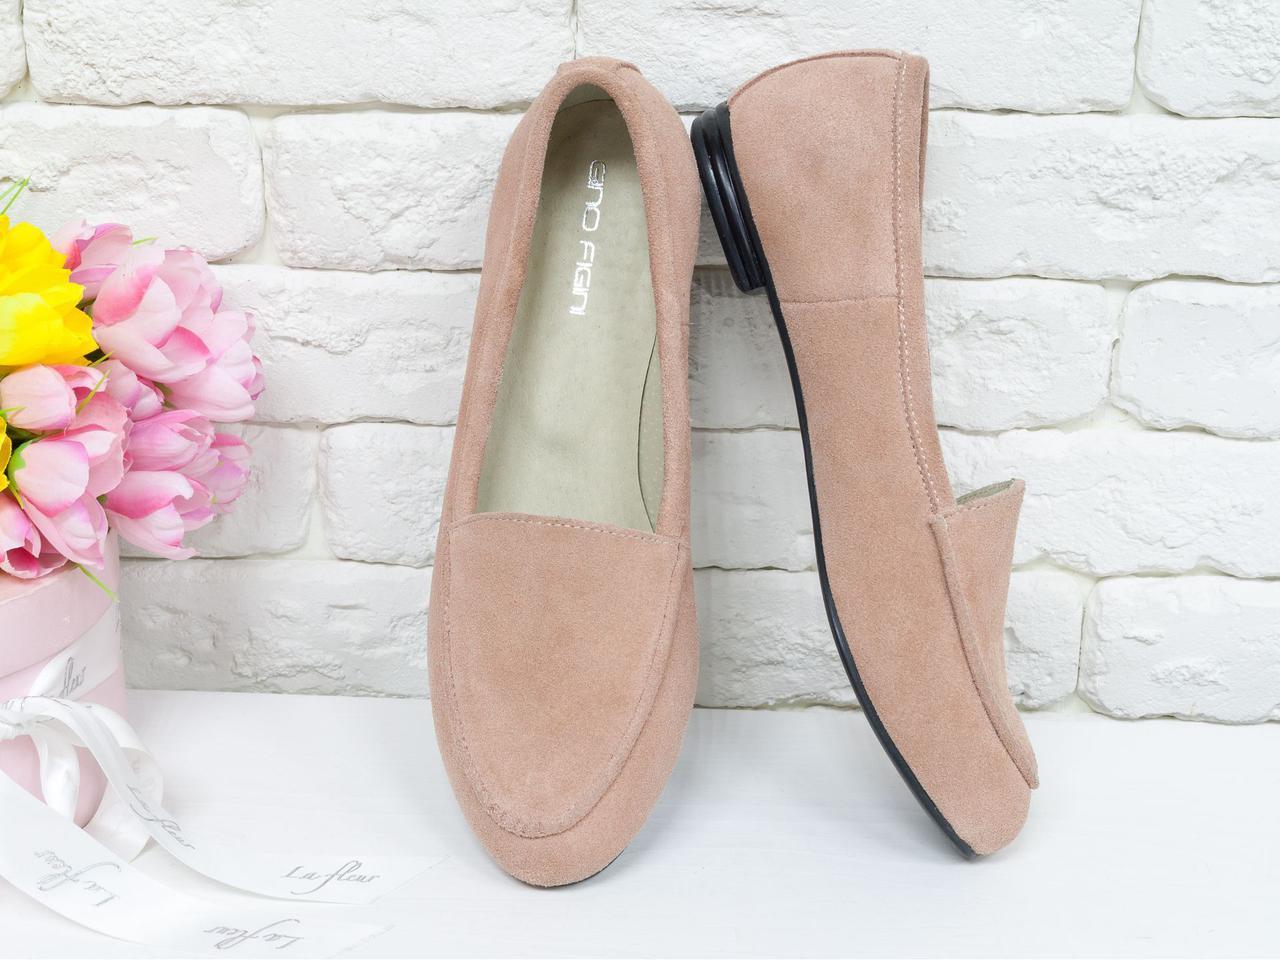 Облегченные туфли из натуральной итальянской замши персикового цвета на низком ходу